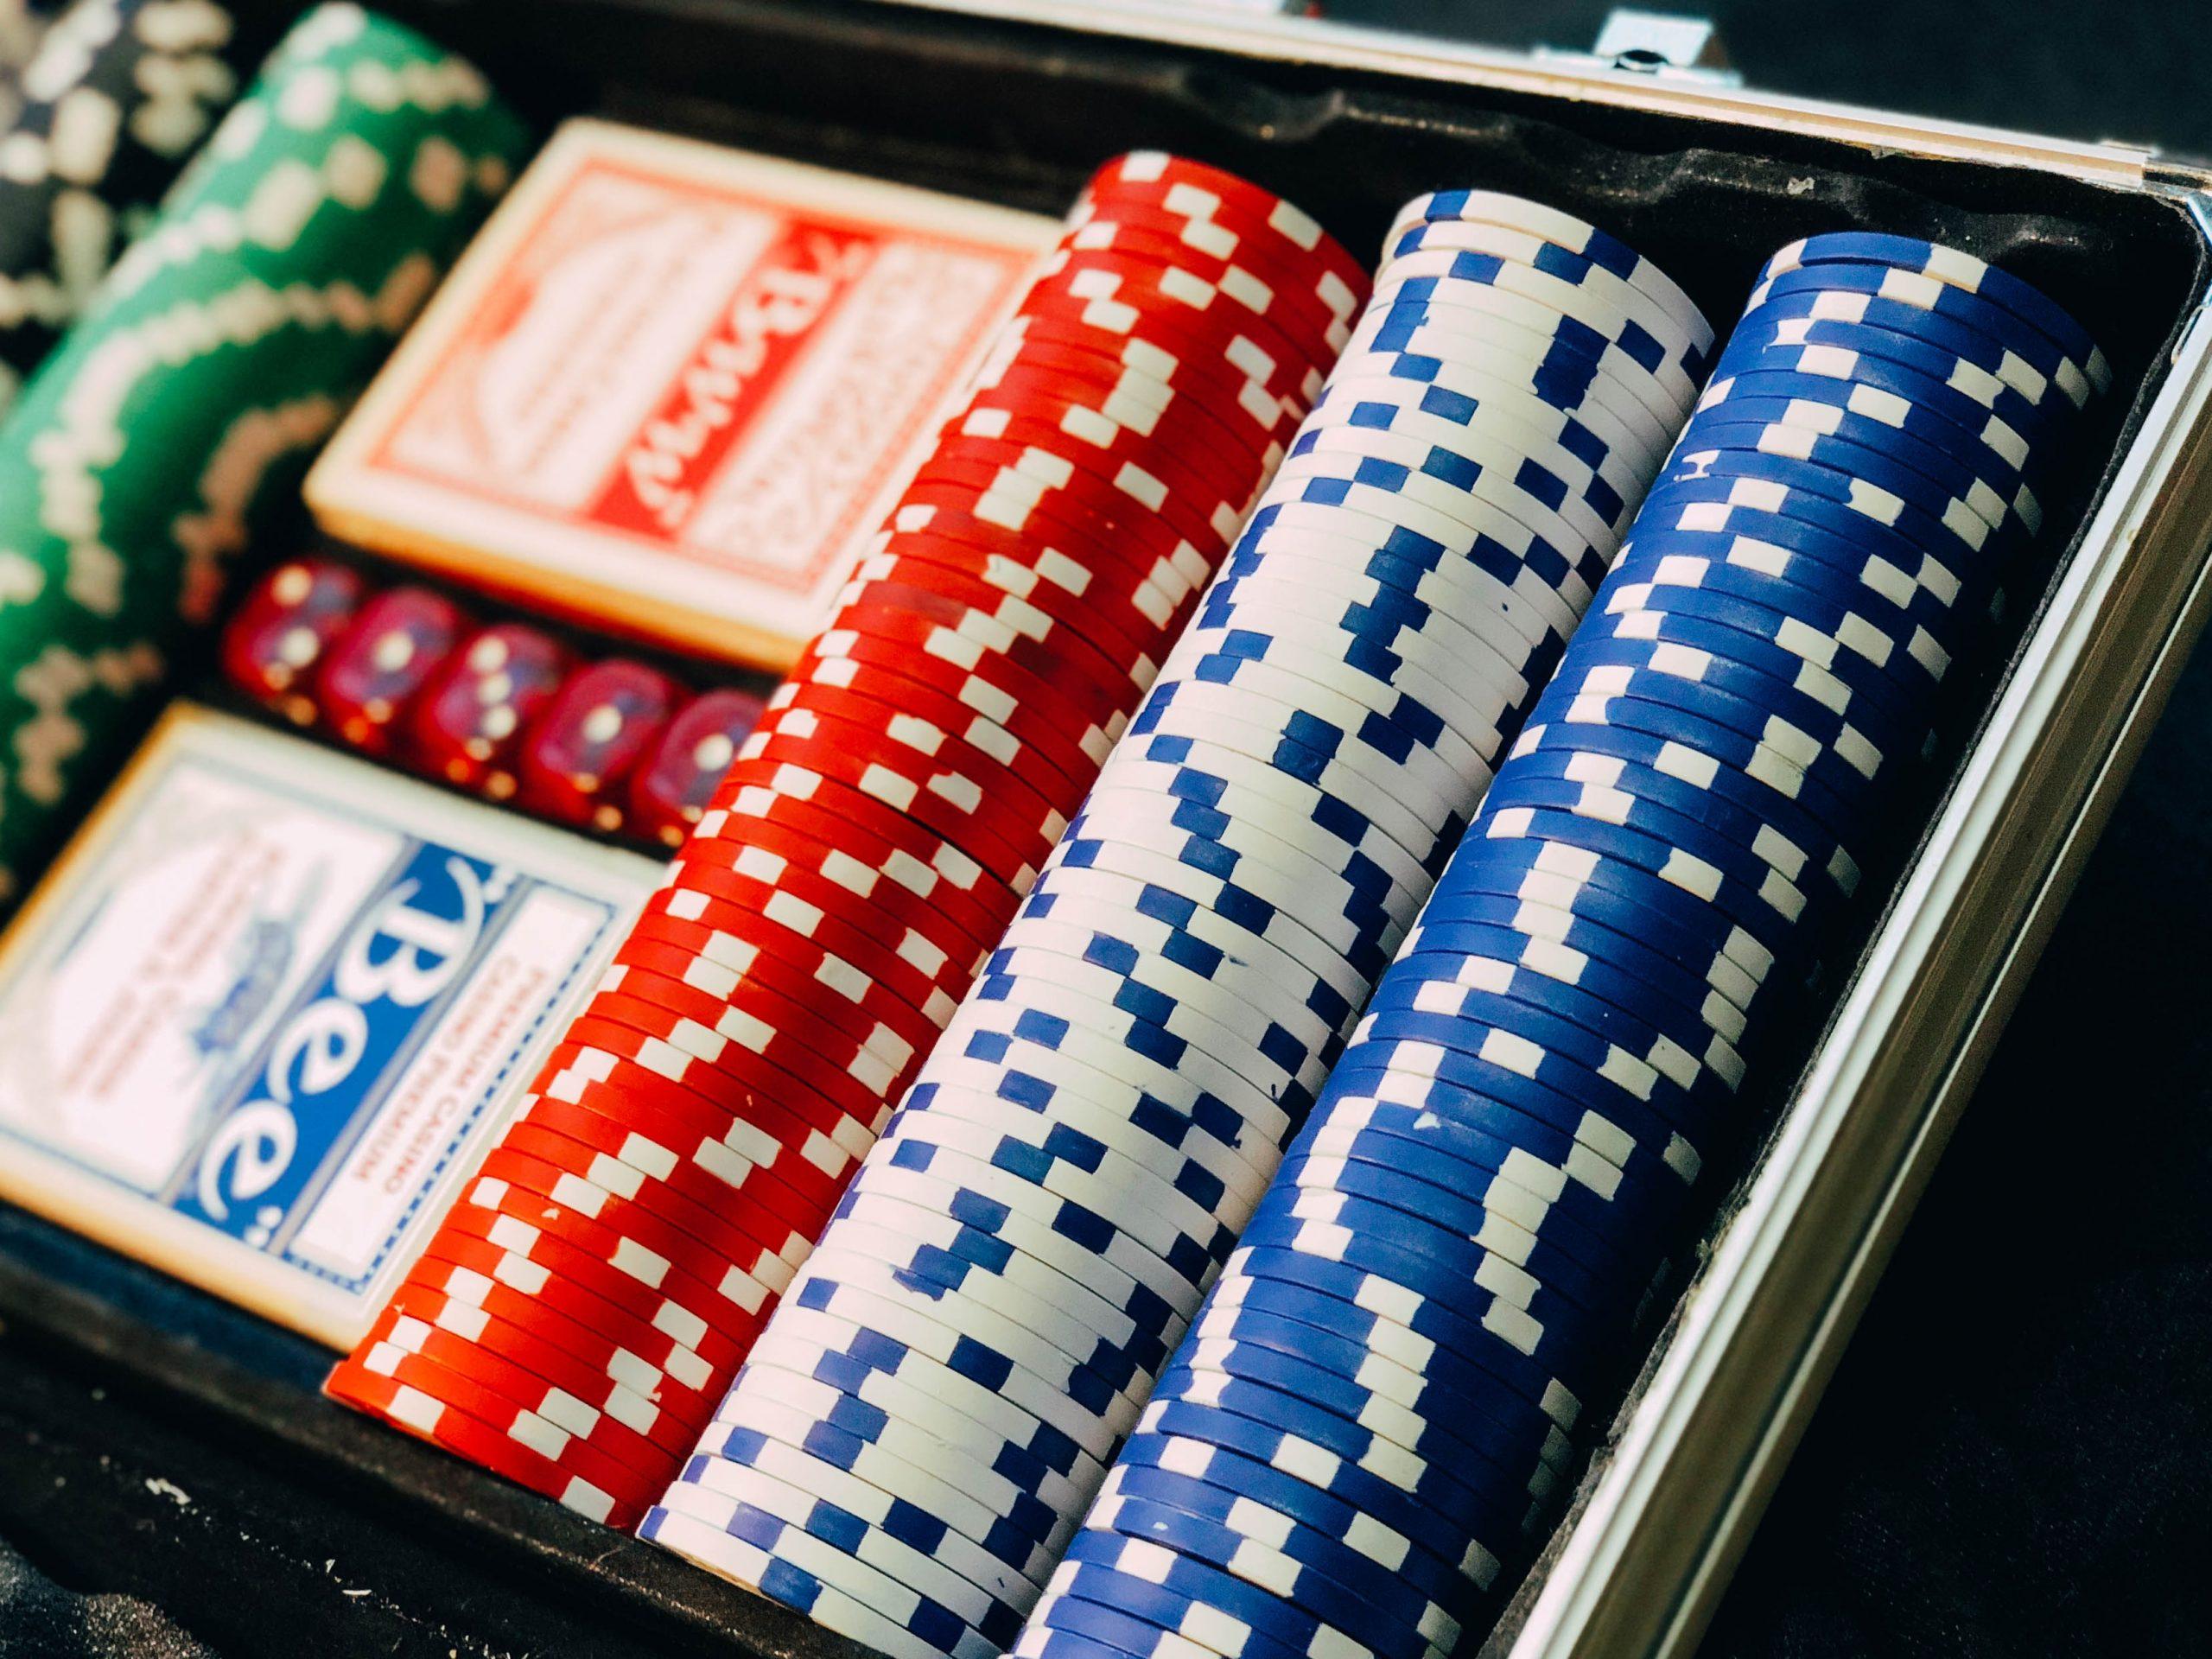 Miksi kasinot ilman rekisteröitymistä ovat niin suosittuja vuonna 2021? - 5 isoa syytä pikakasinoiden kasvavalle suosiolle